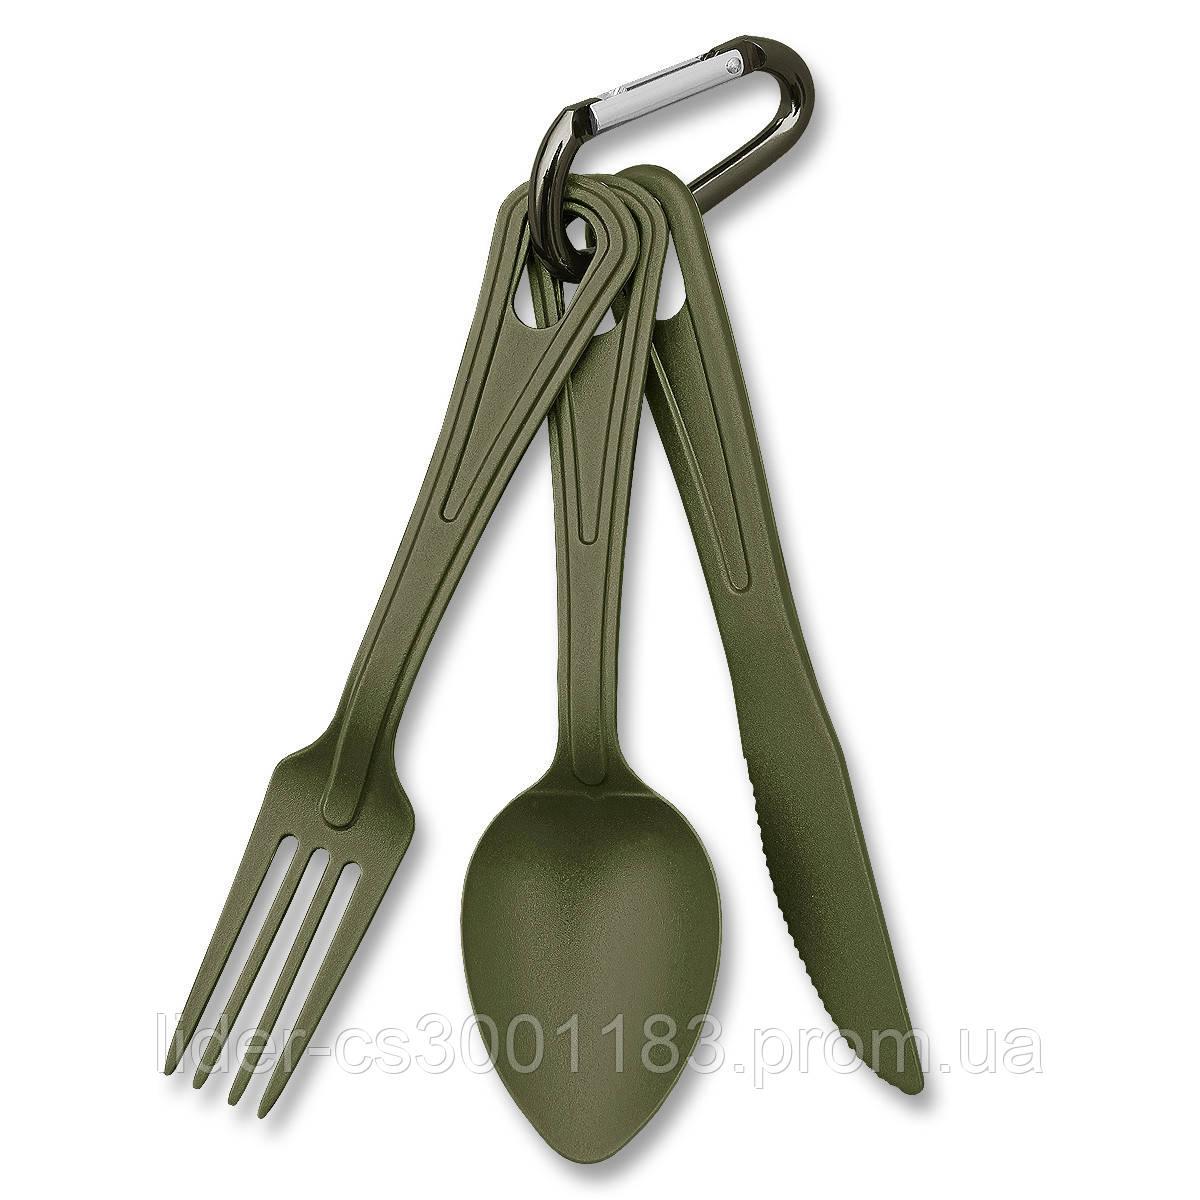 Набор: ложка, вилка, нож Mil-Tec олива Niezbędnik Lexan  (14628101)